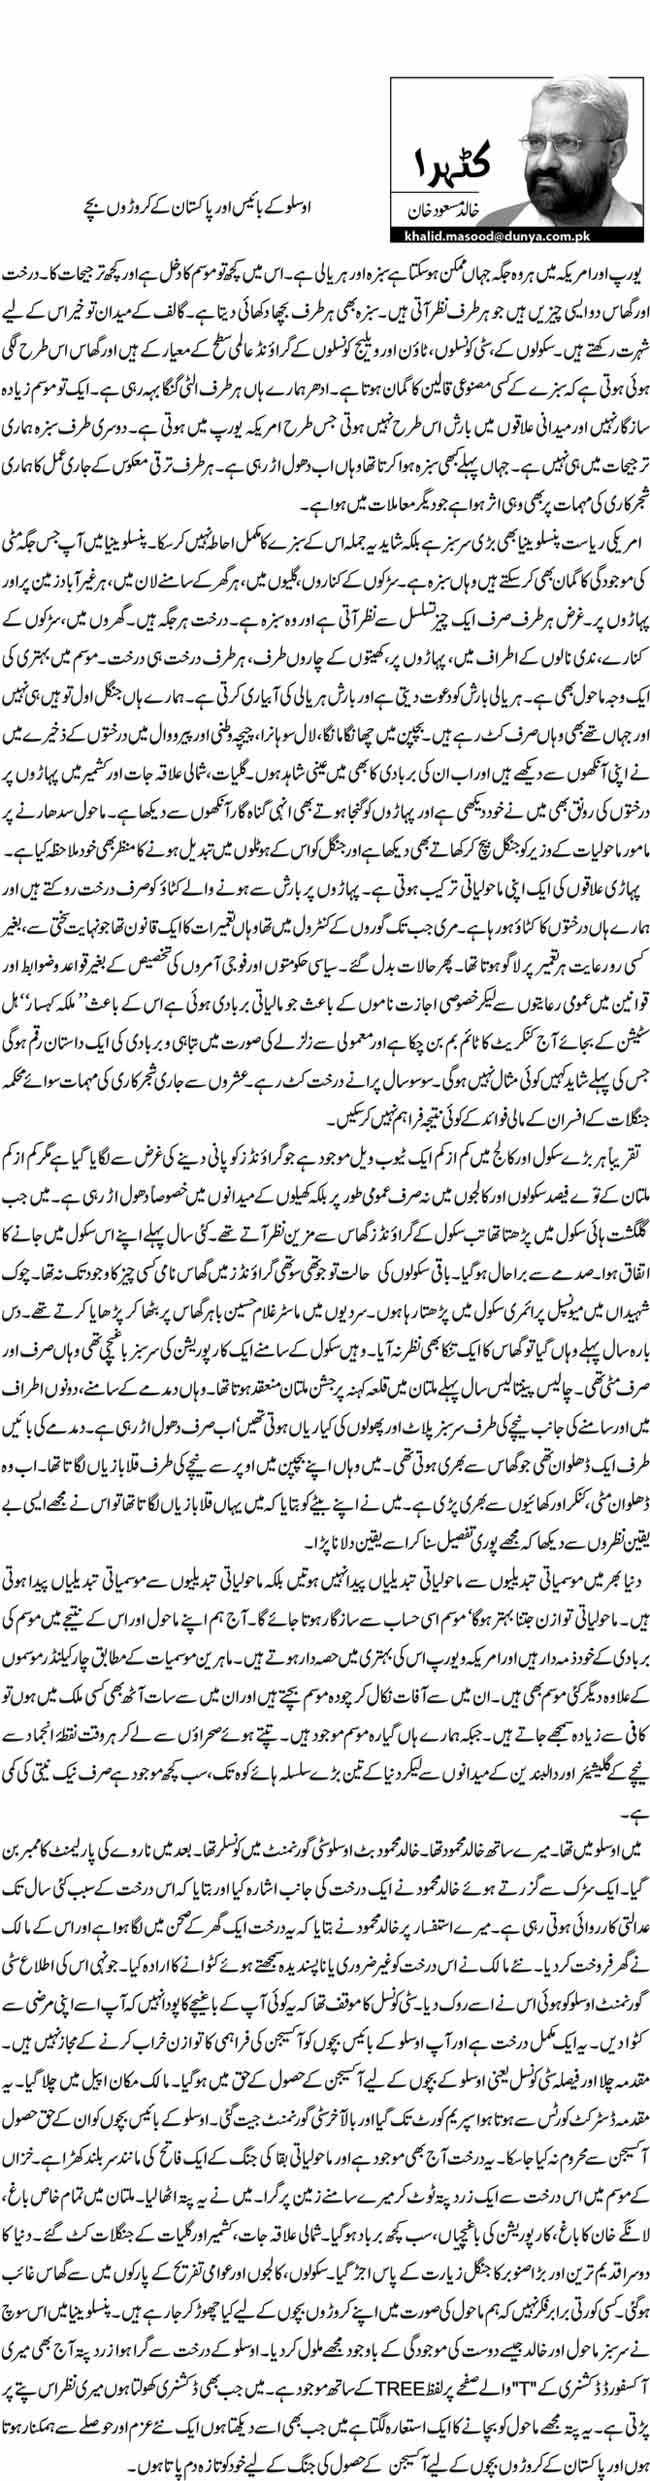 اوسلو کے بائیس اور پاکستان کے کروڑوں بچے